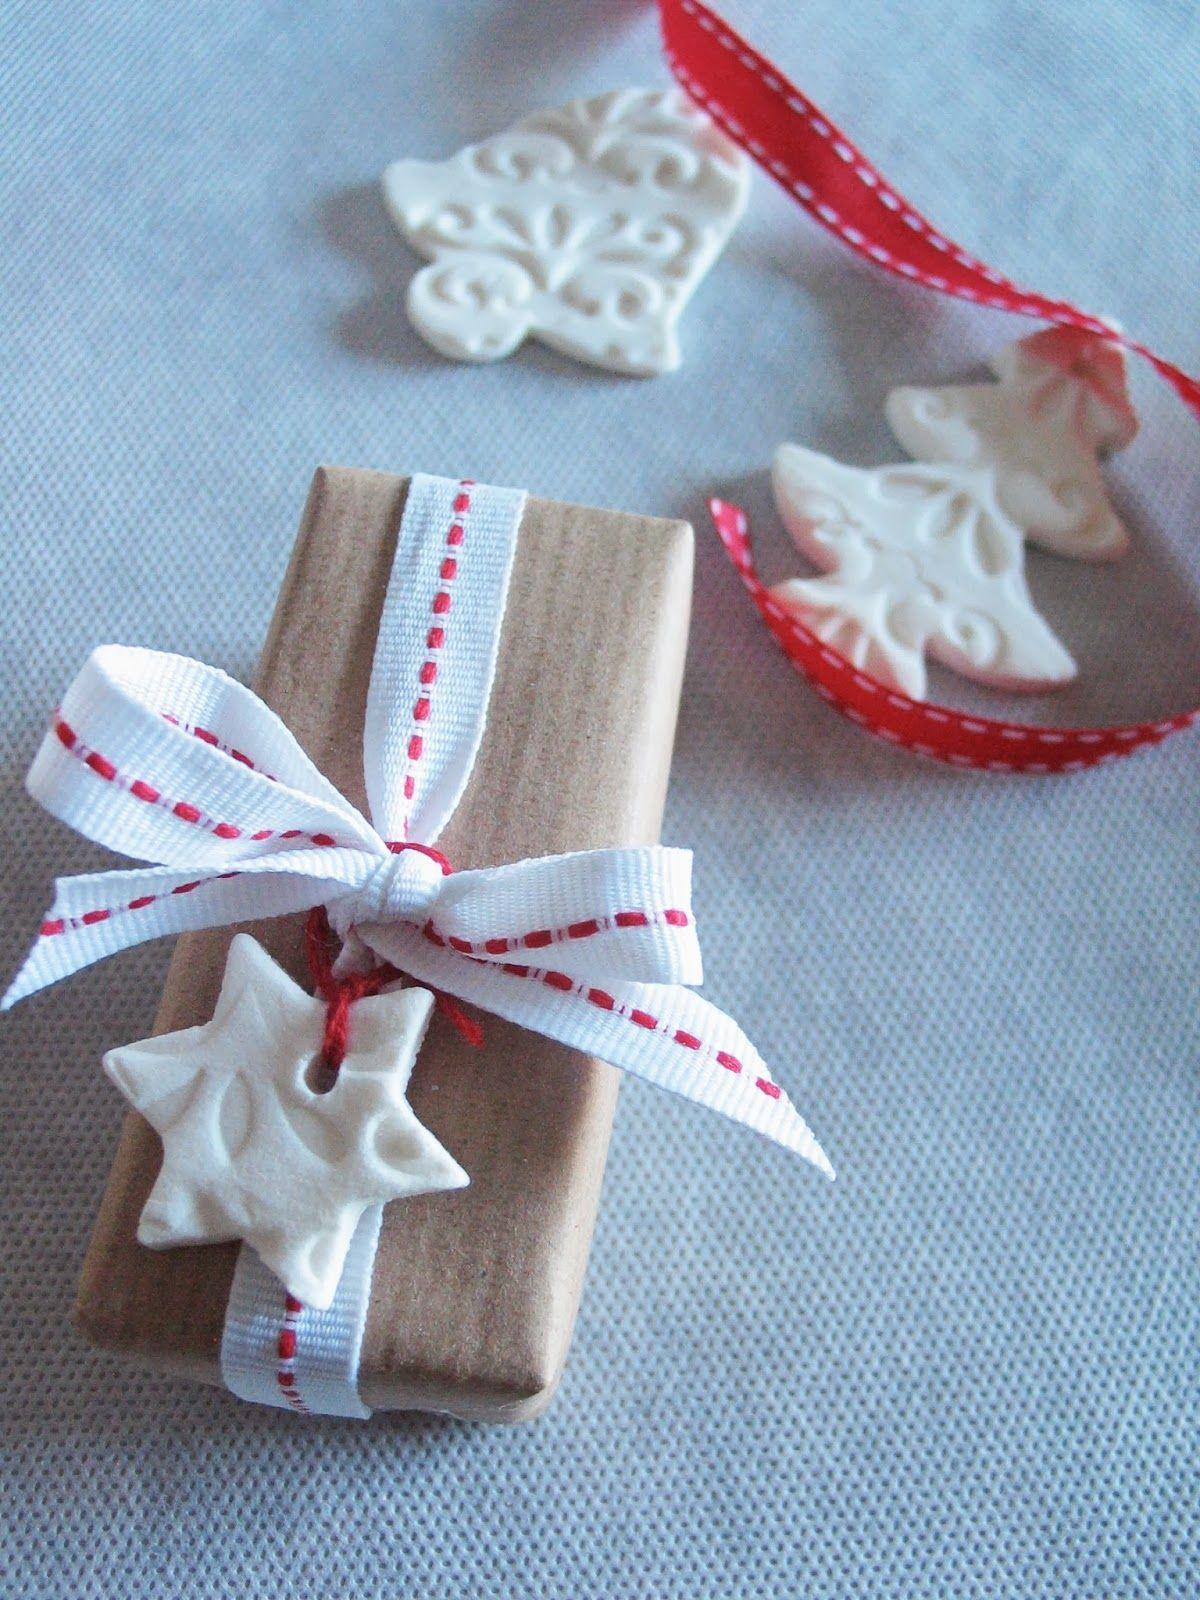 Regali Di Natale Artigianali.Decorazioni Natalizie Con Pasta Di Bicarbonato Kraft Paper Gift